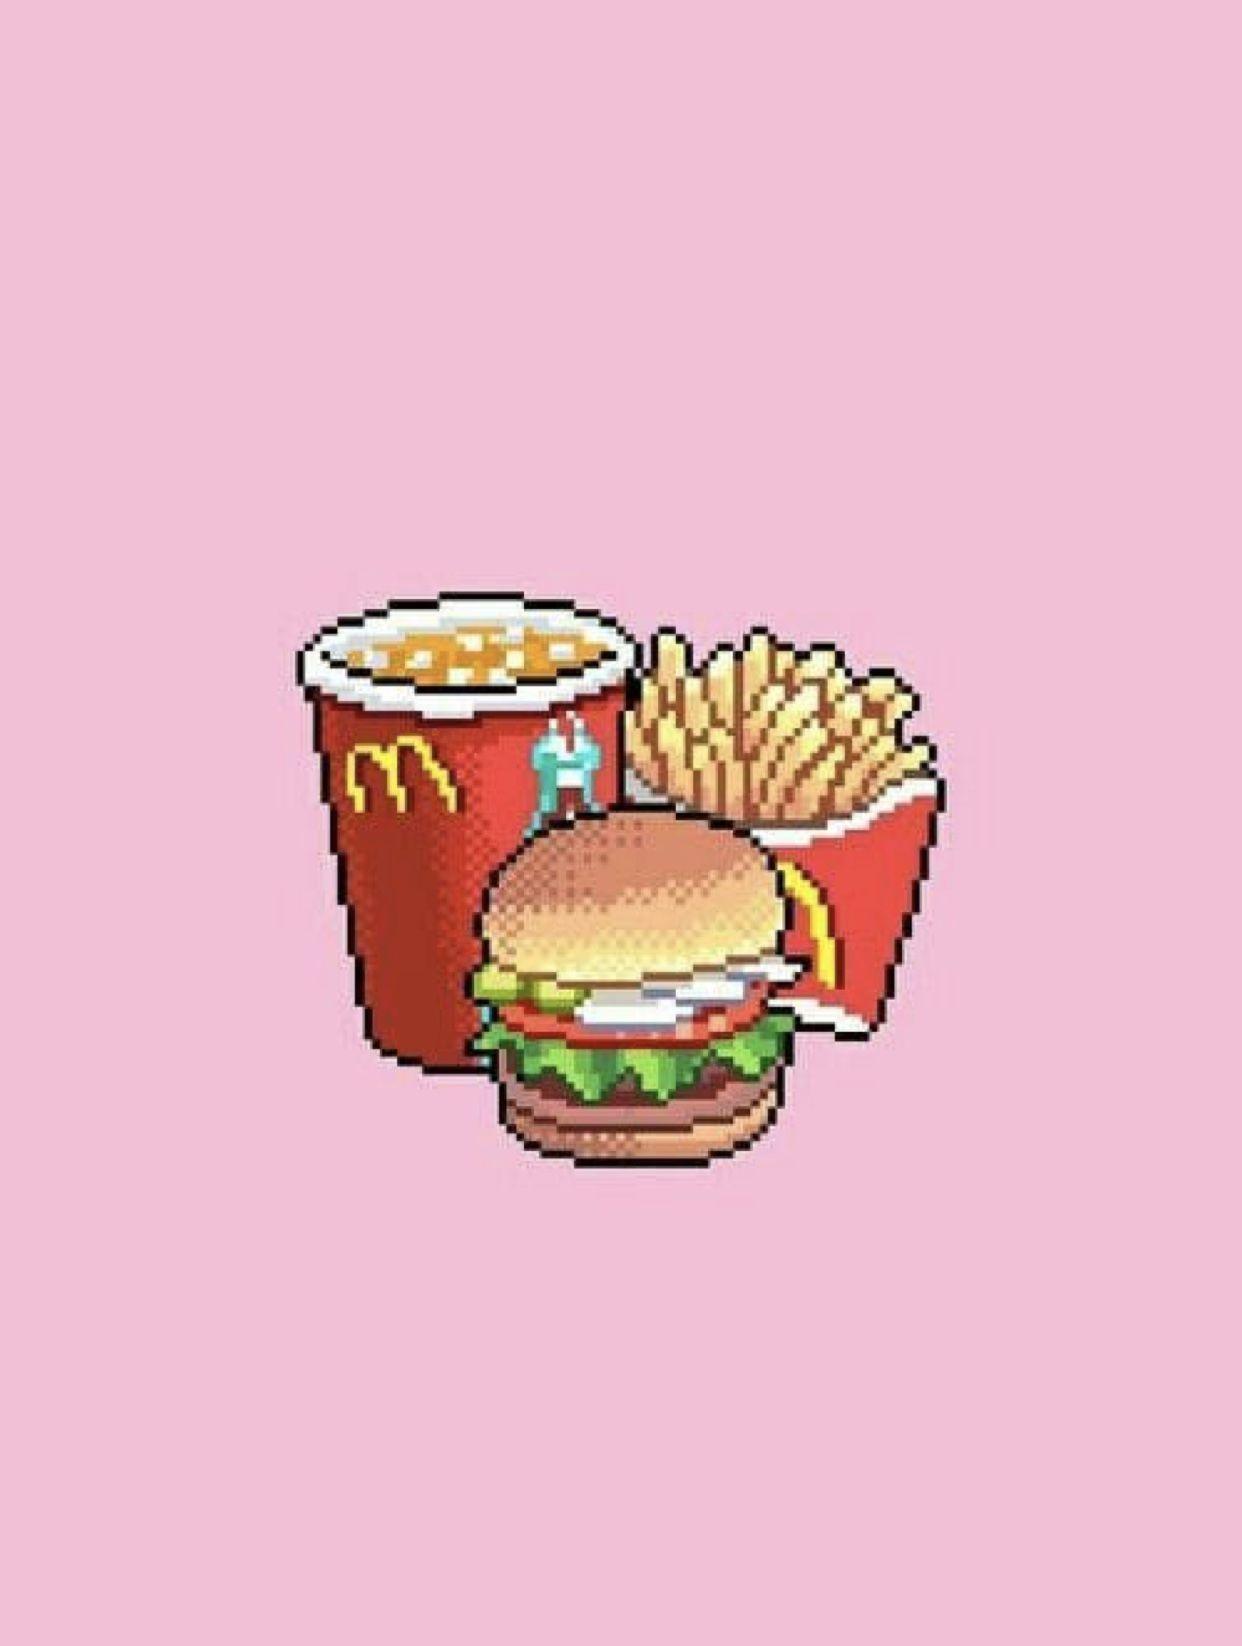 Food Aesthetic Tumblr Wallpaper